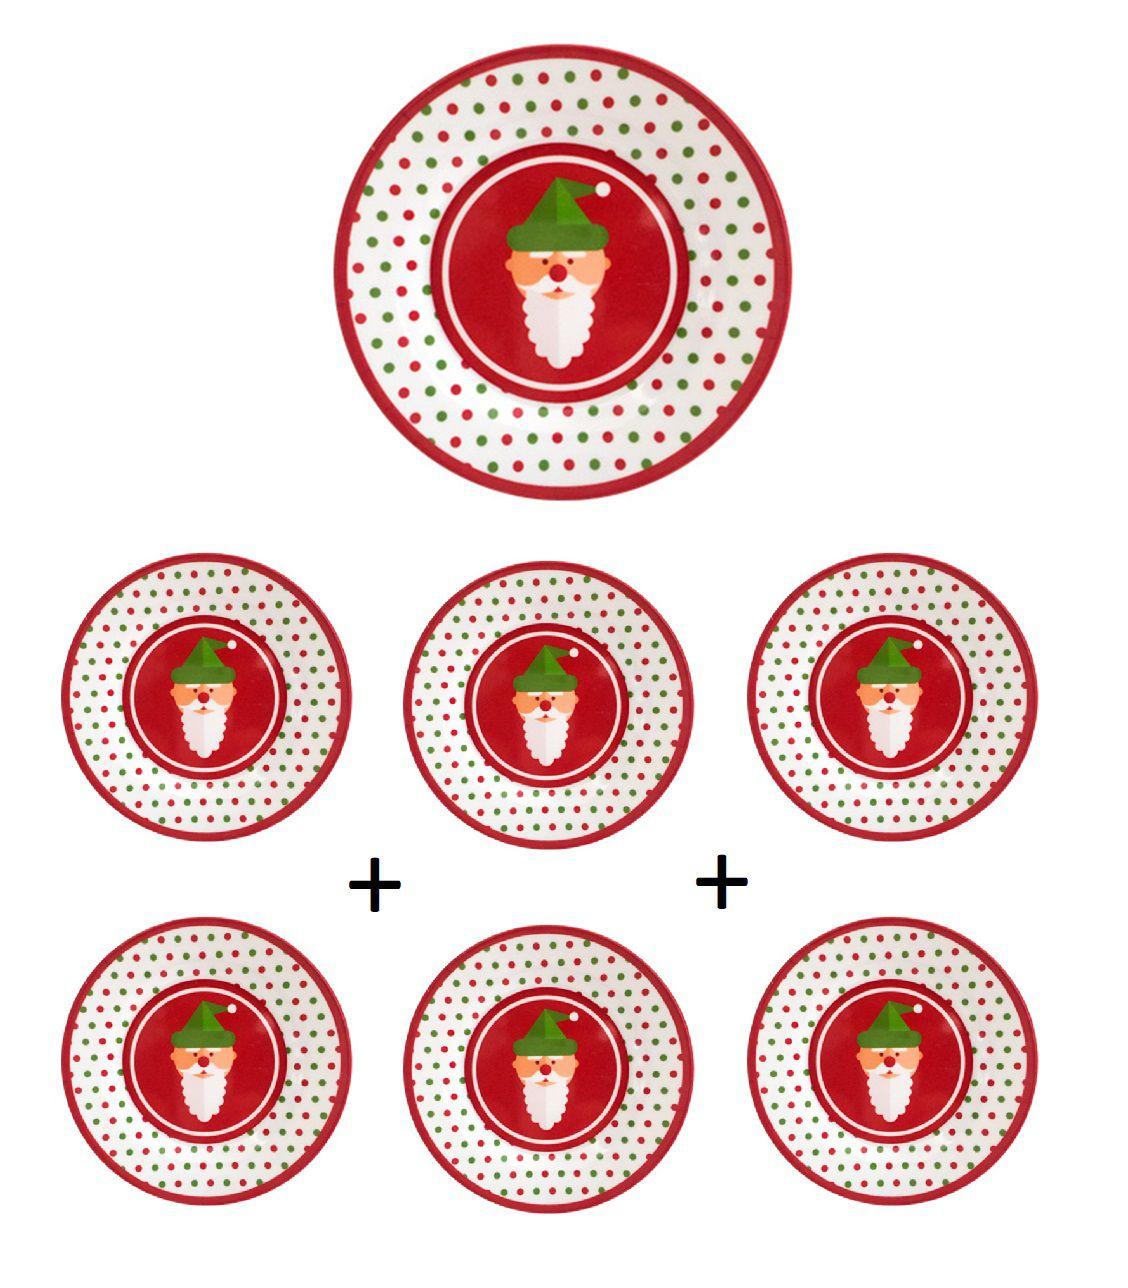 Kit 6 unidades Pratos Raso Redondo de Melamina com Decoração de Papai Noel Natalinas 25 cm Ø